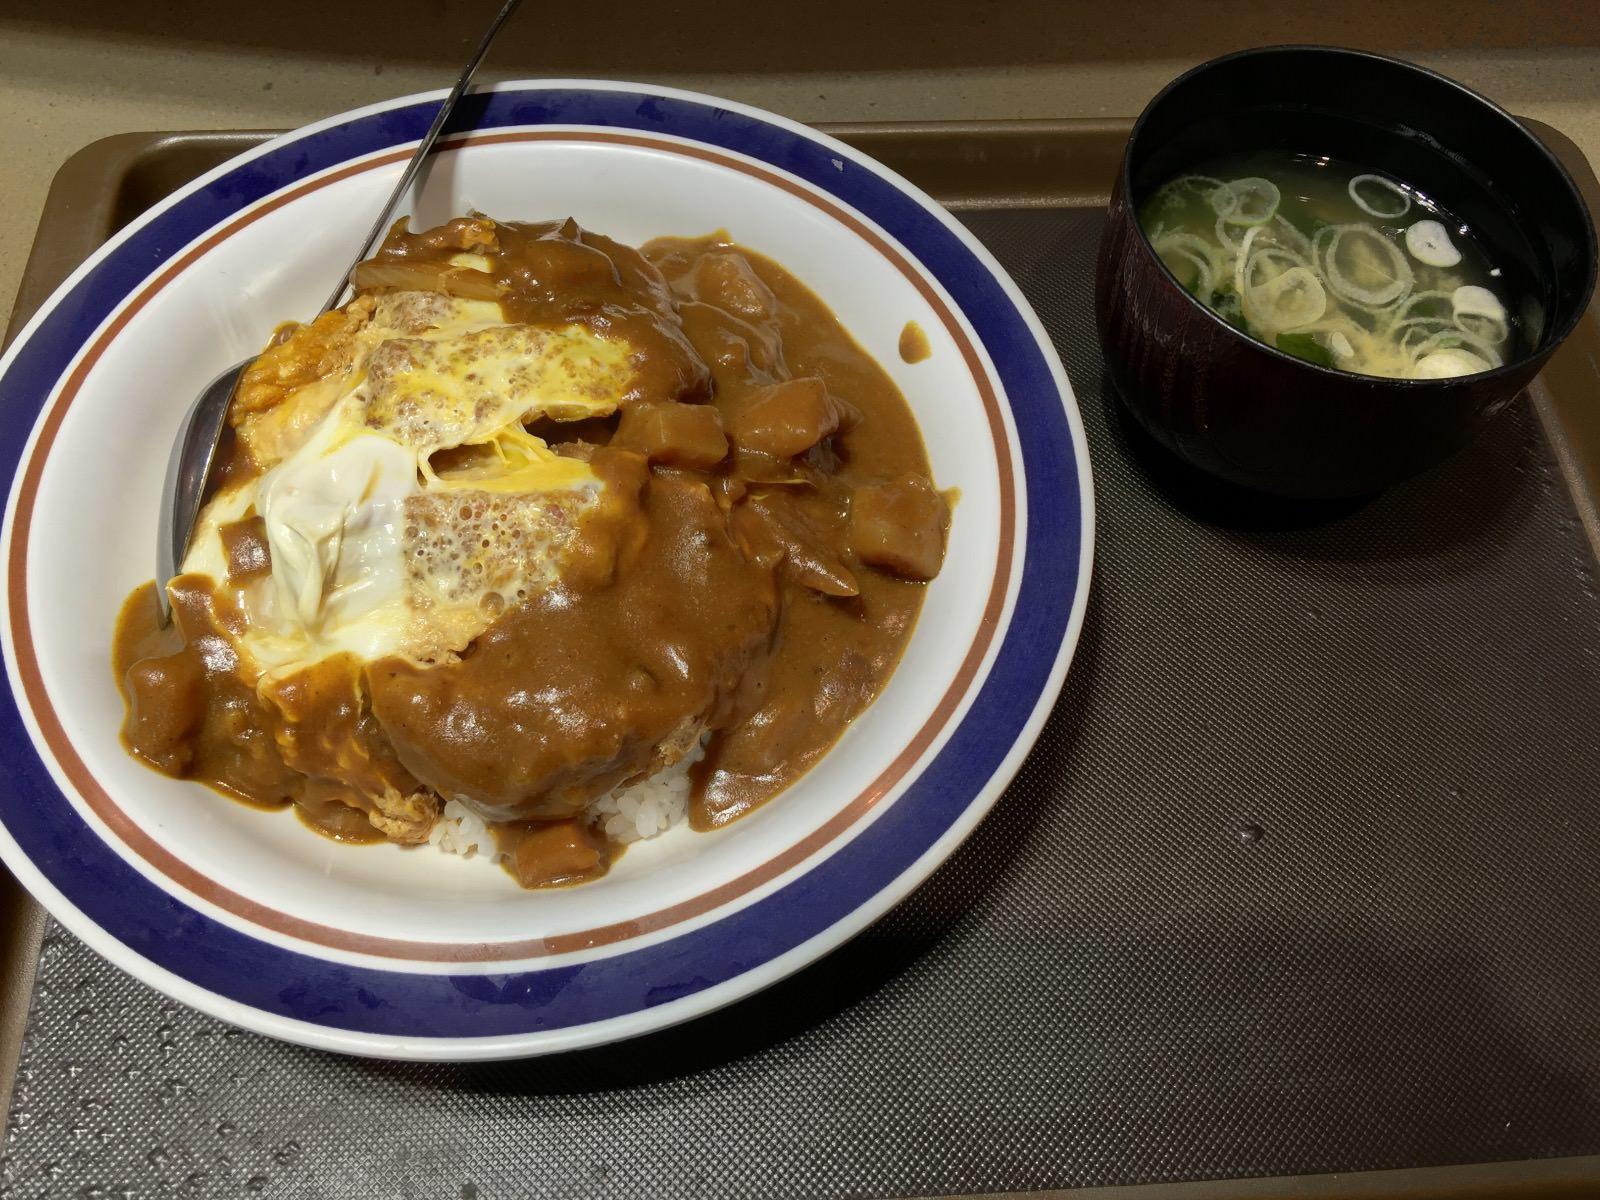 カツカレーじゃない。カレーとカツ丼が出会ってしまった!富士そばで「カレーカツ丼」を食べた